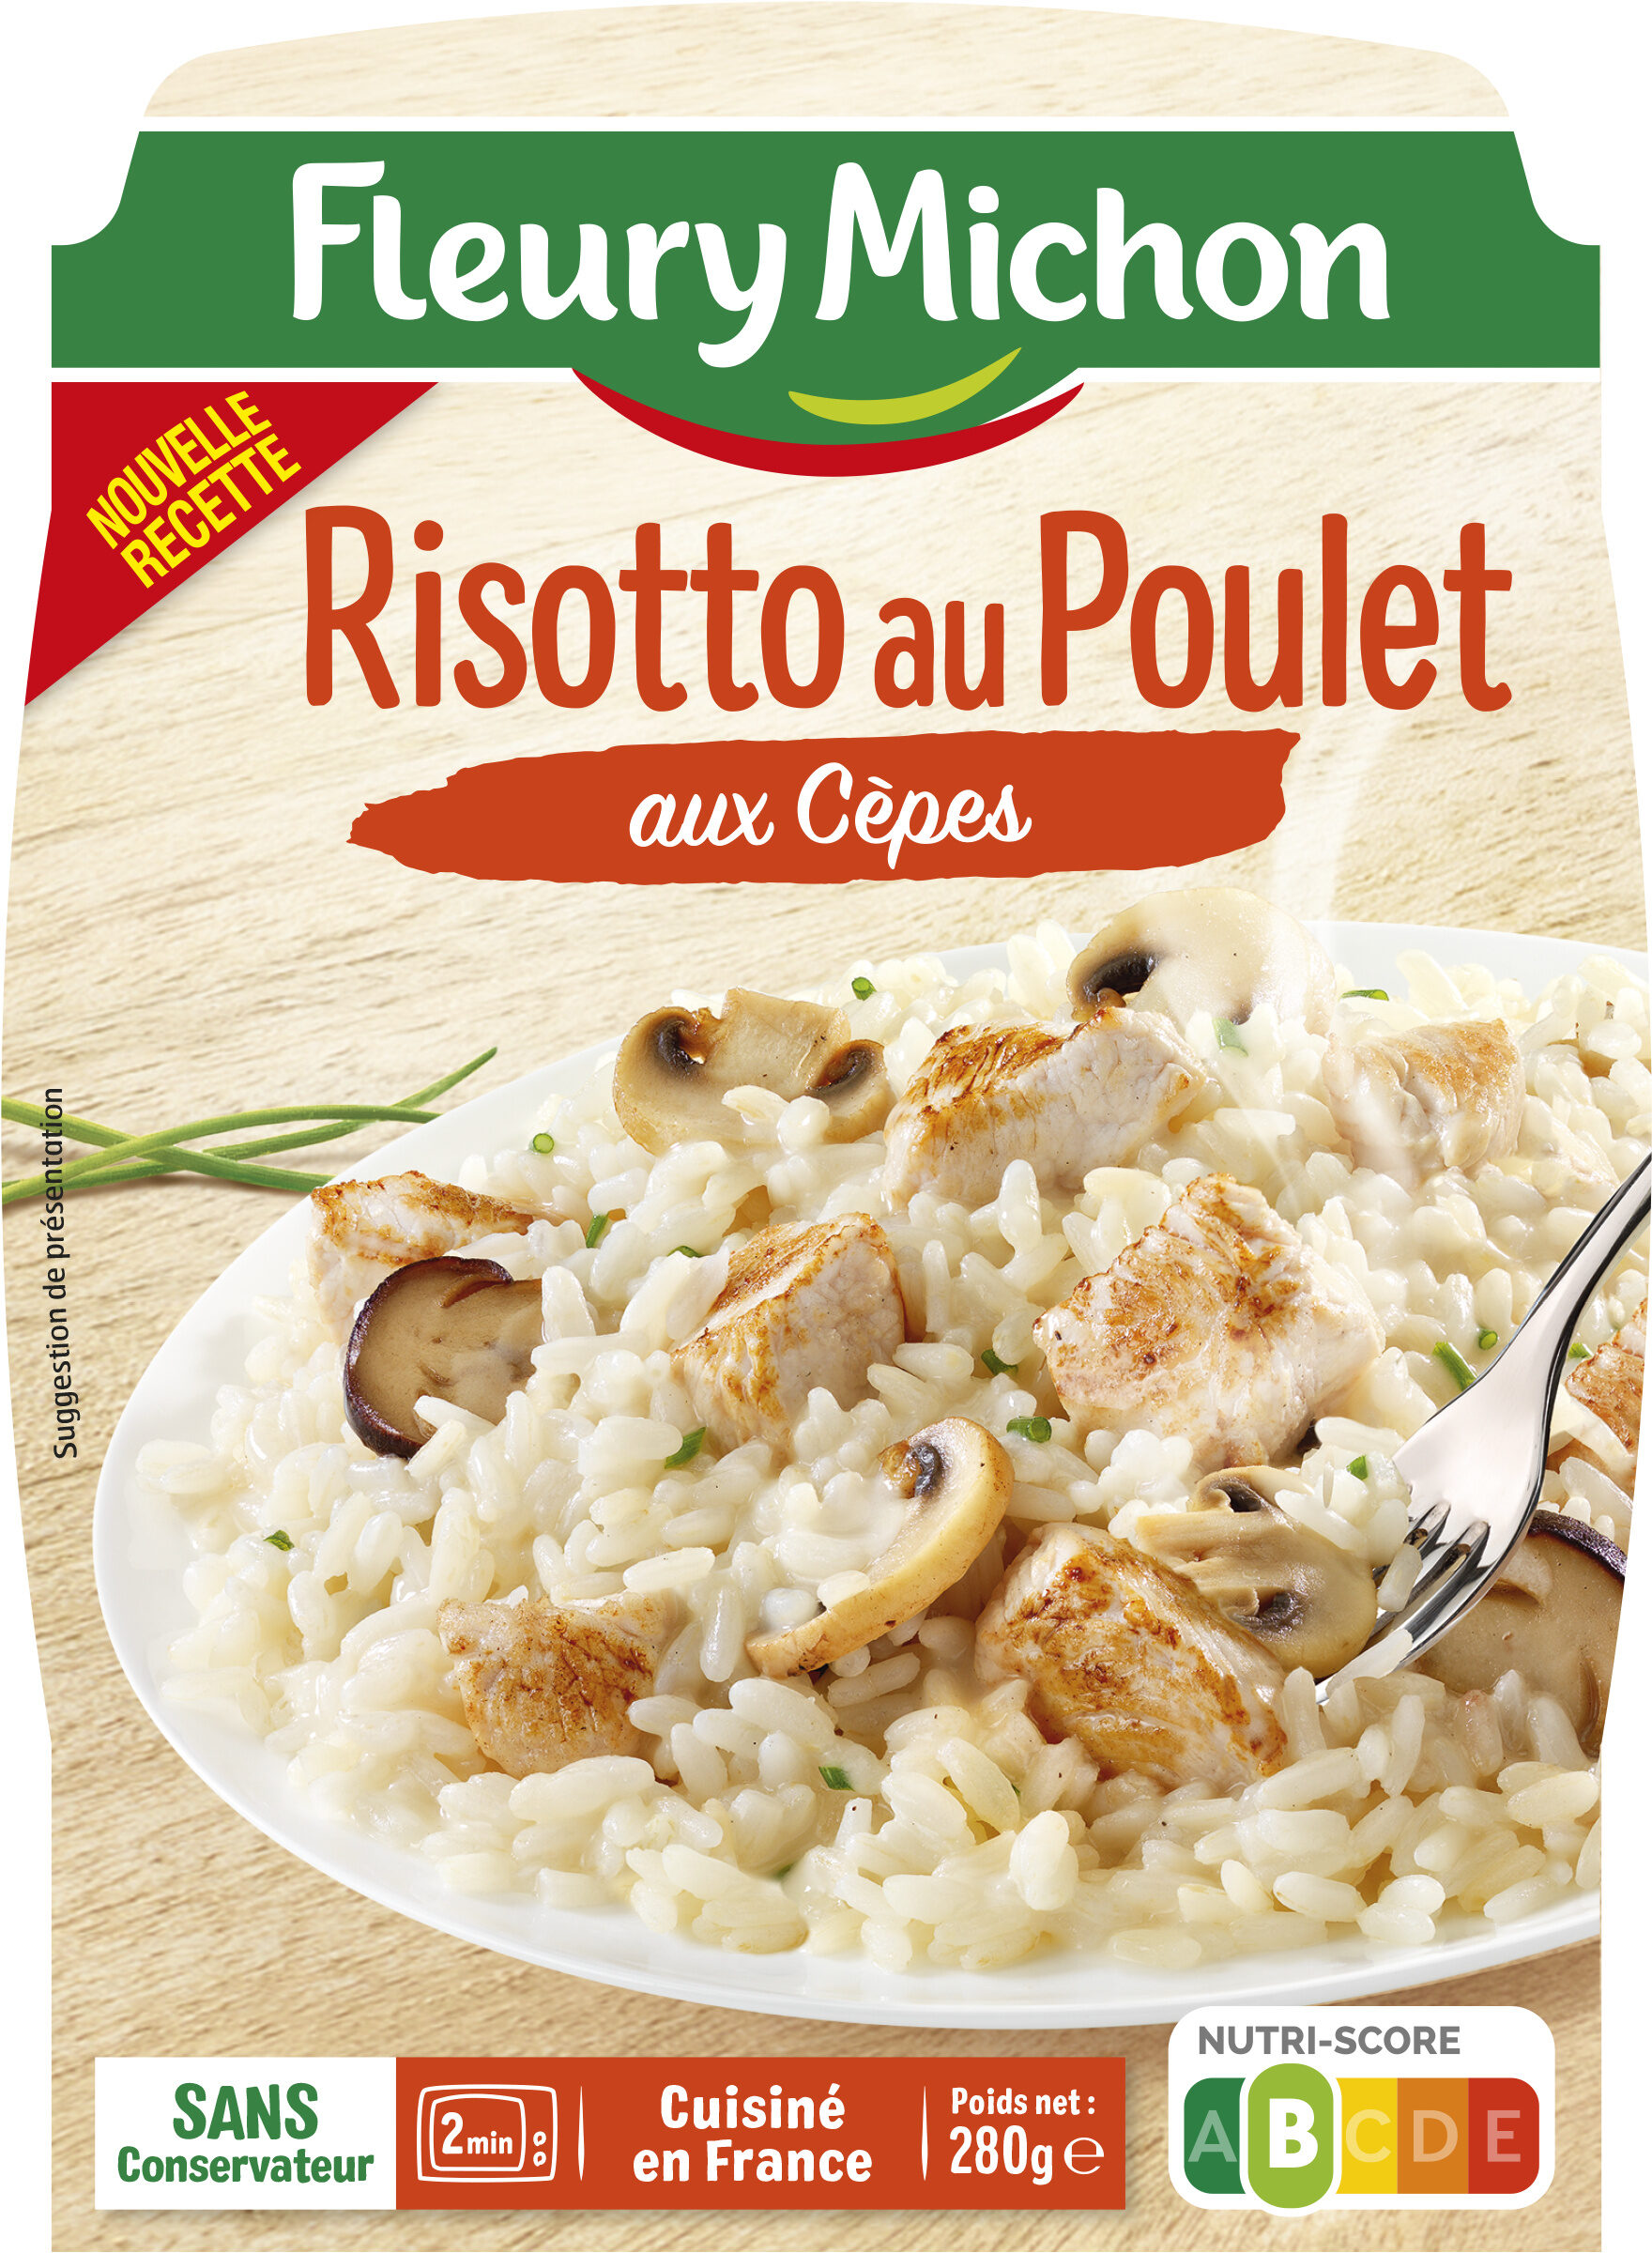 Risotto au Poulet aux Cèpes - Product - fr